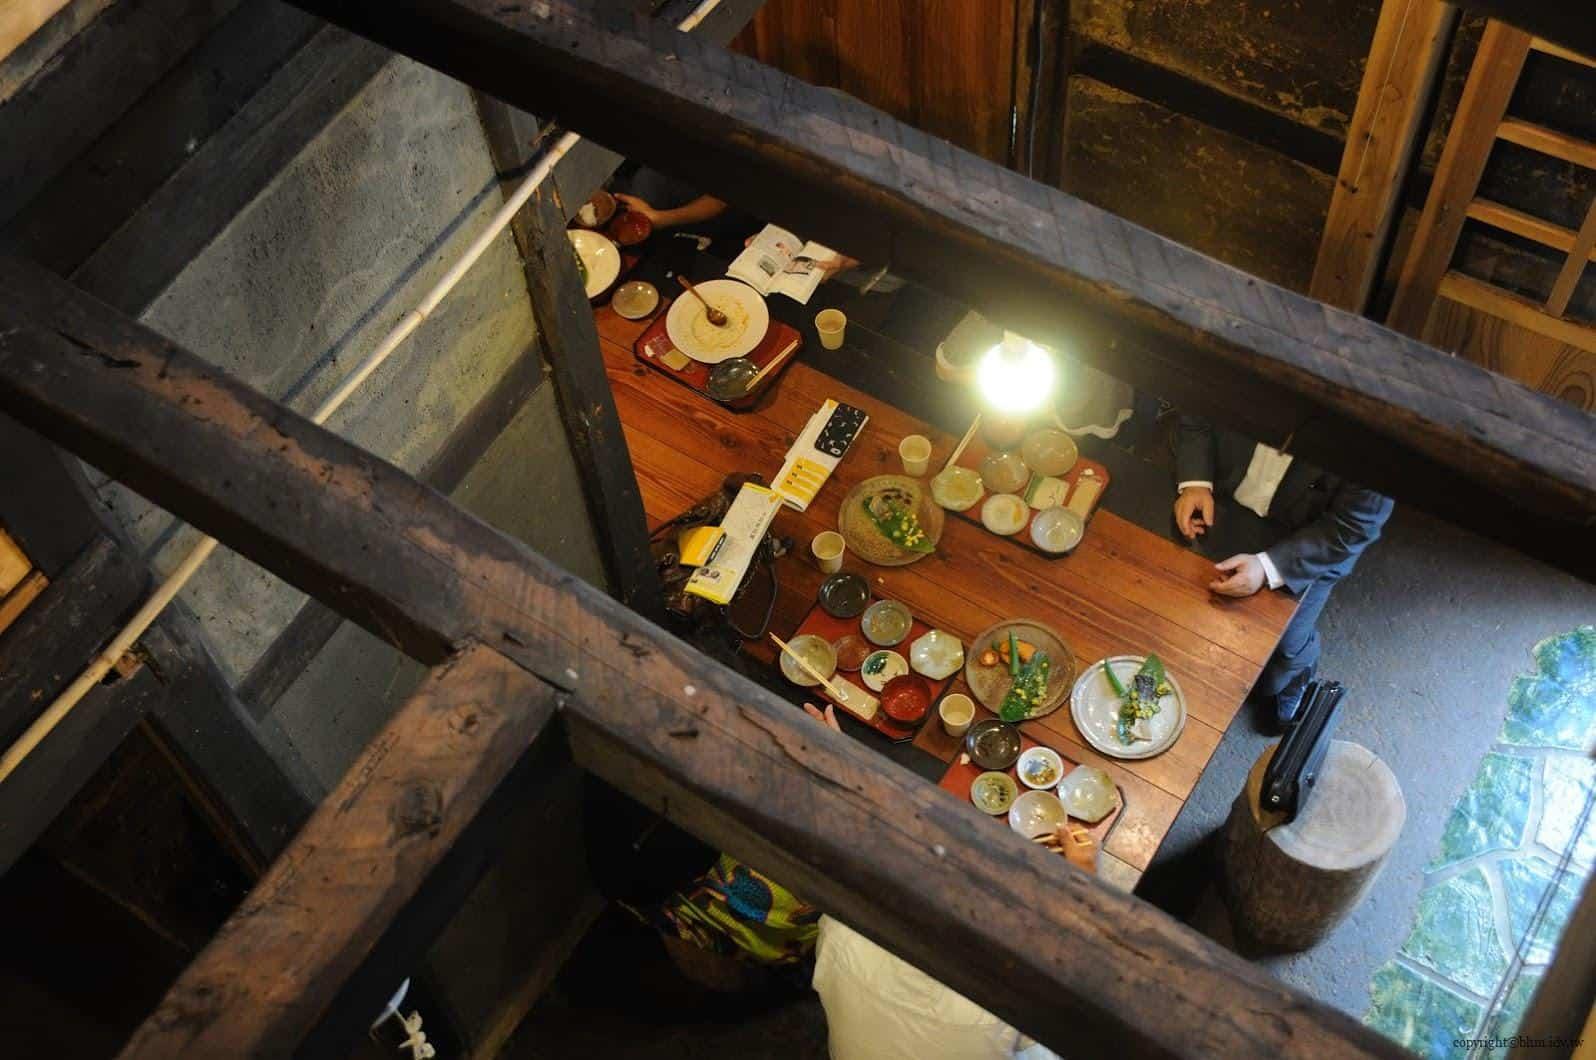 入澤美時/安藤邦廣,產土神之家,這間茅葺屋有90年歷史,一樓還有女老闆們以當地食材入菜及使用現代陶藝家的食器的餐廳;大地藝術祭時間外也有提供服務 產土神之家 產土神之家 ubusuna house 07